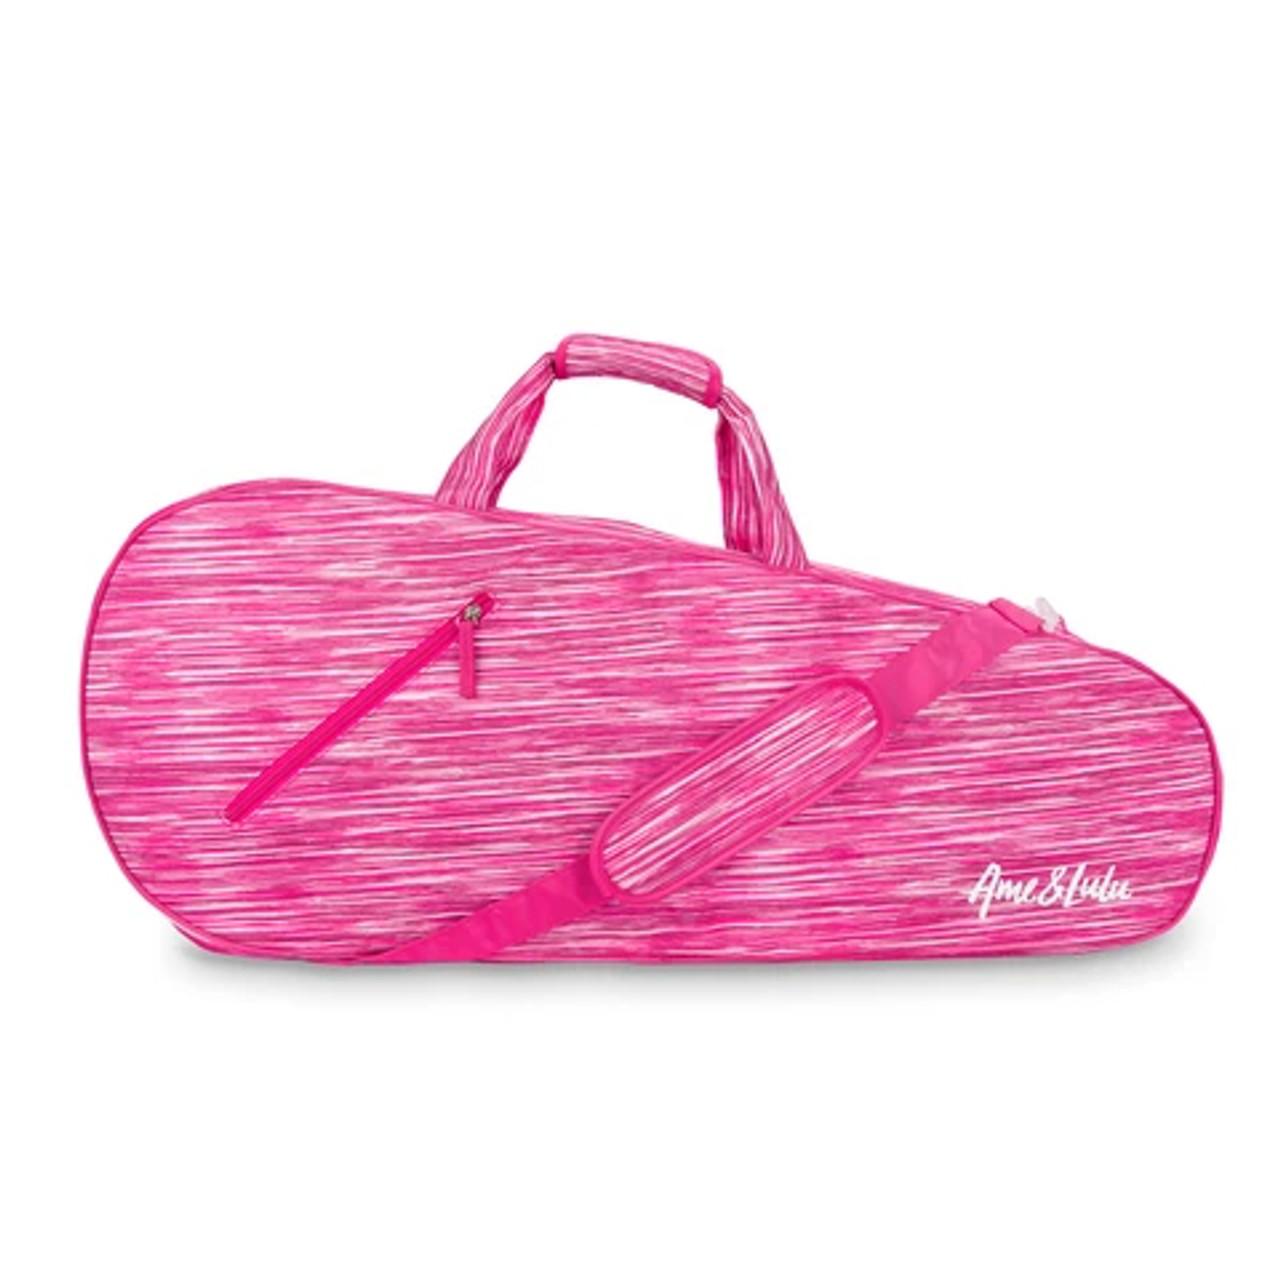 Ame Lulu 3 Racquet Ladies Tennis Bag Pink